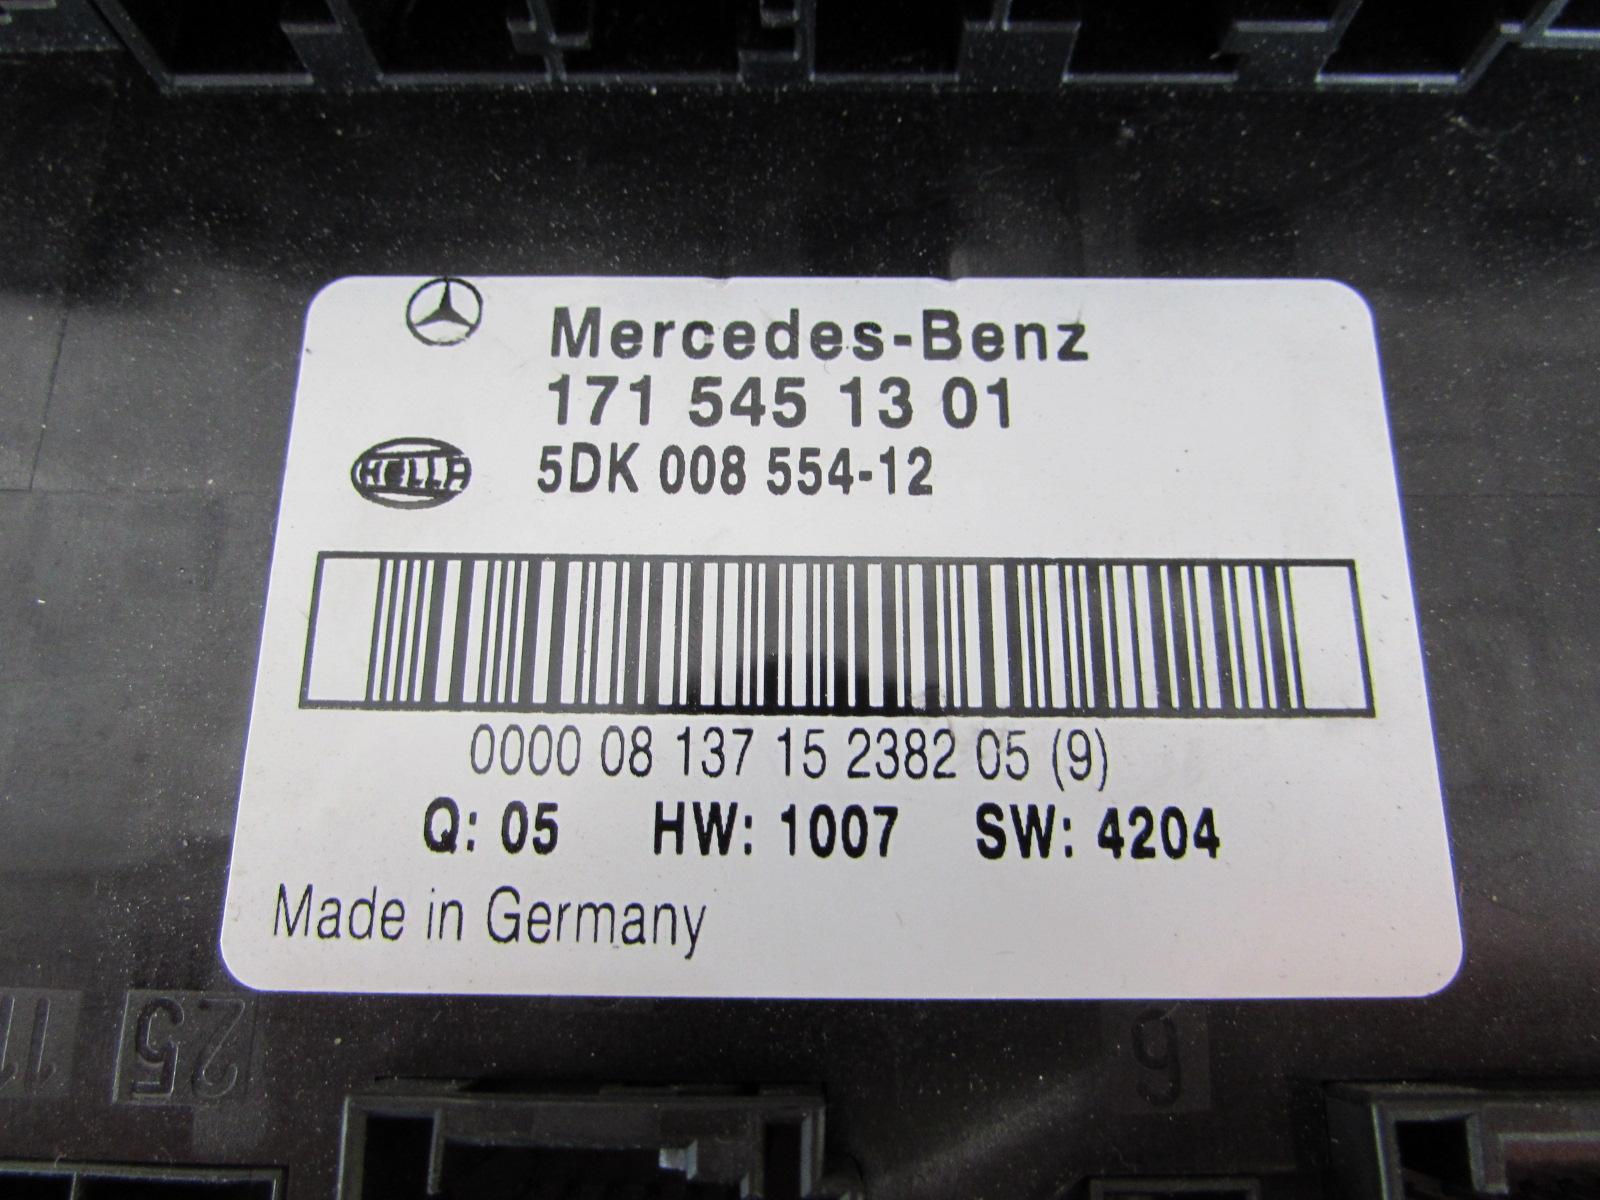 Mercedes R171 Electrical Center Fuse Block Box 1715451301 Slk280 01 Ford E 350 Slk300 Slk350 Slk553